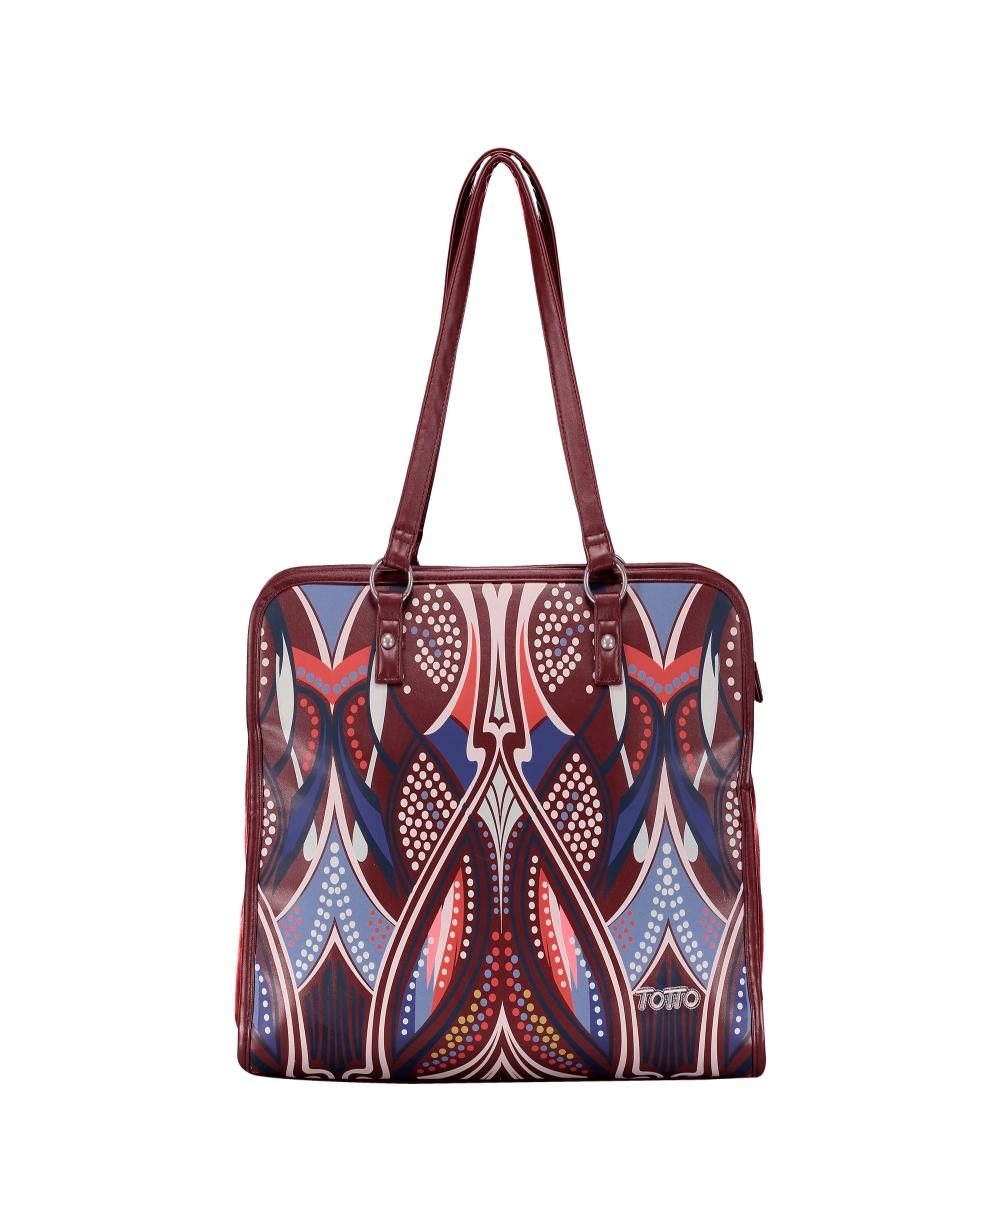 Totto Bolso shopper mujer Marron (Foto )